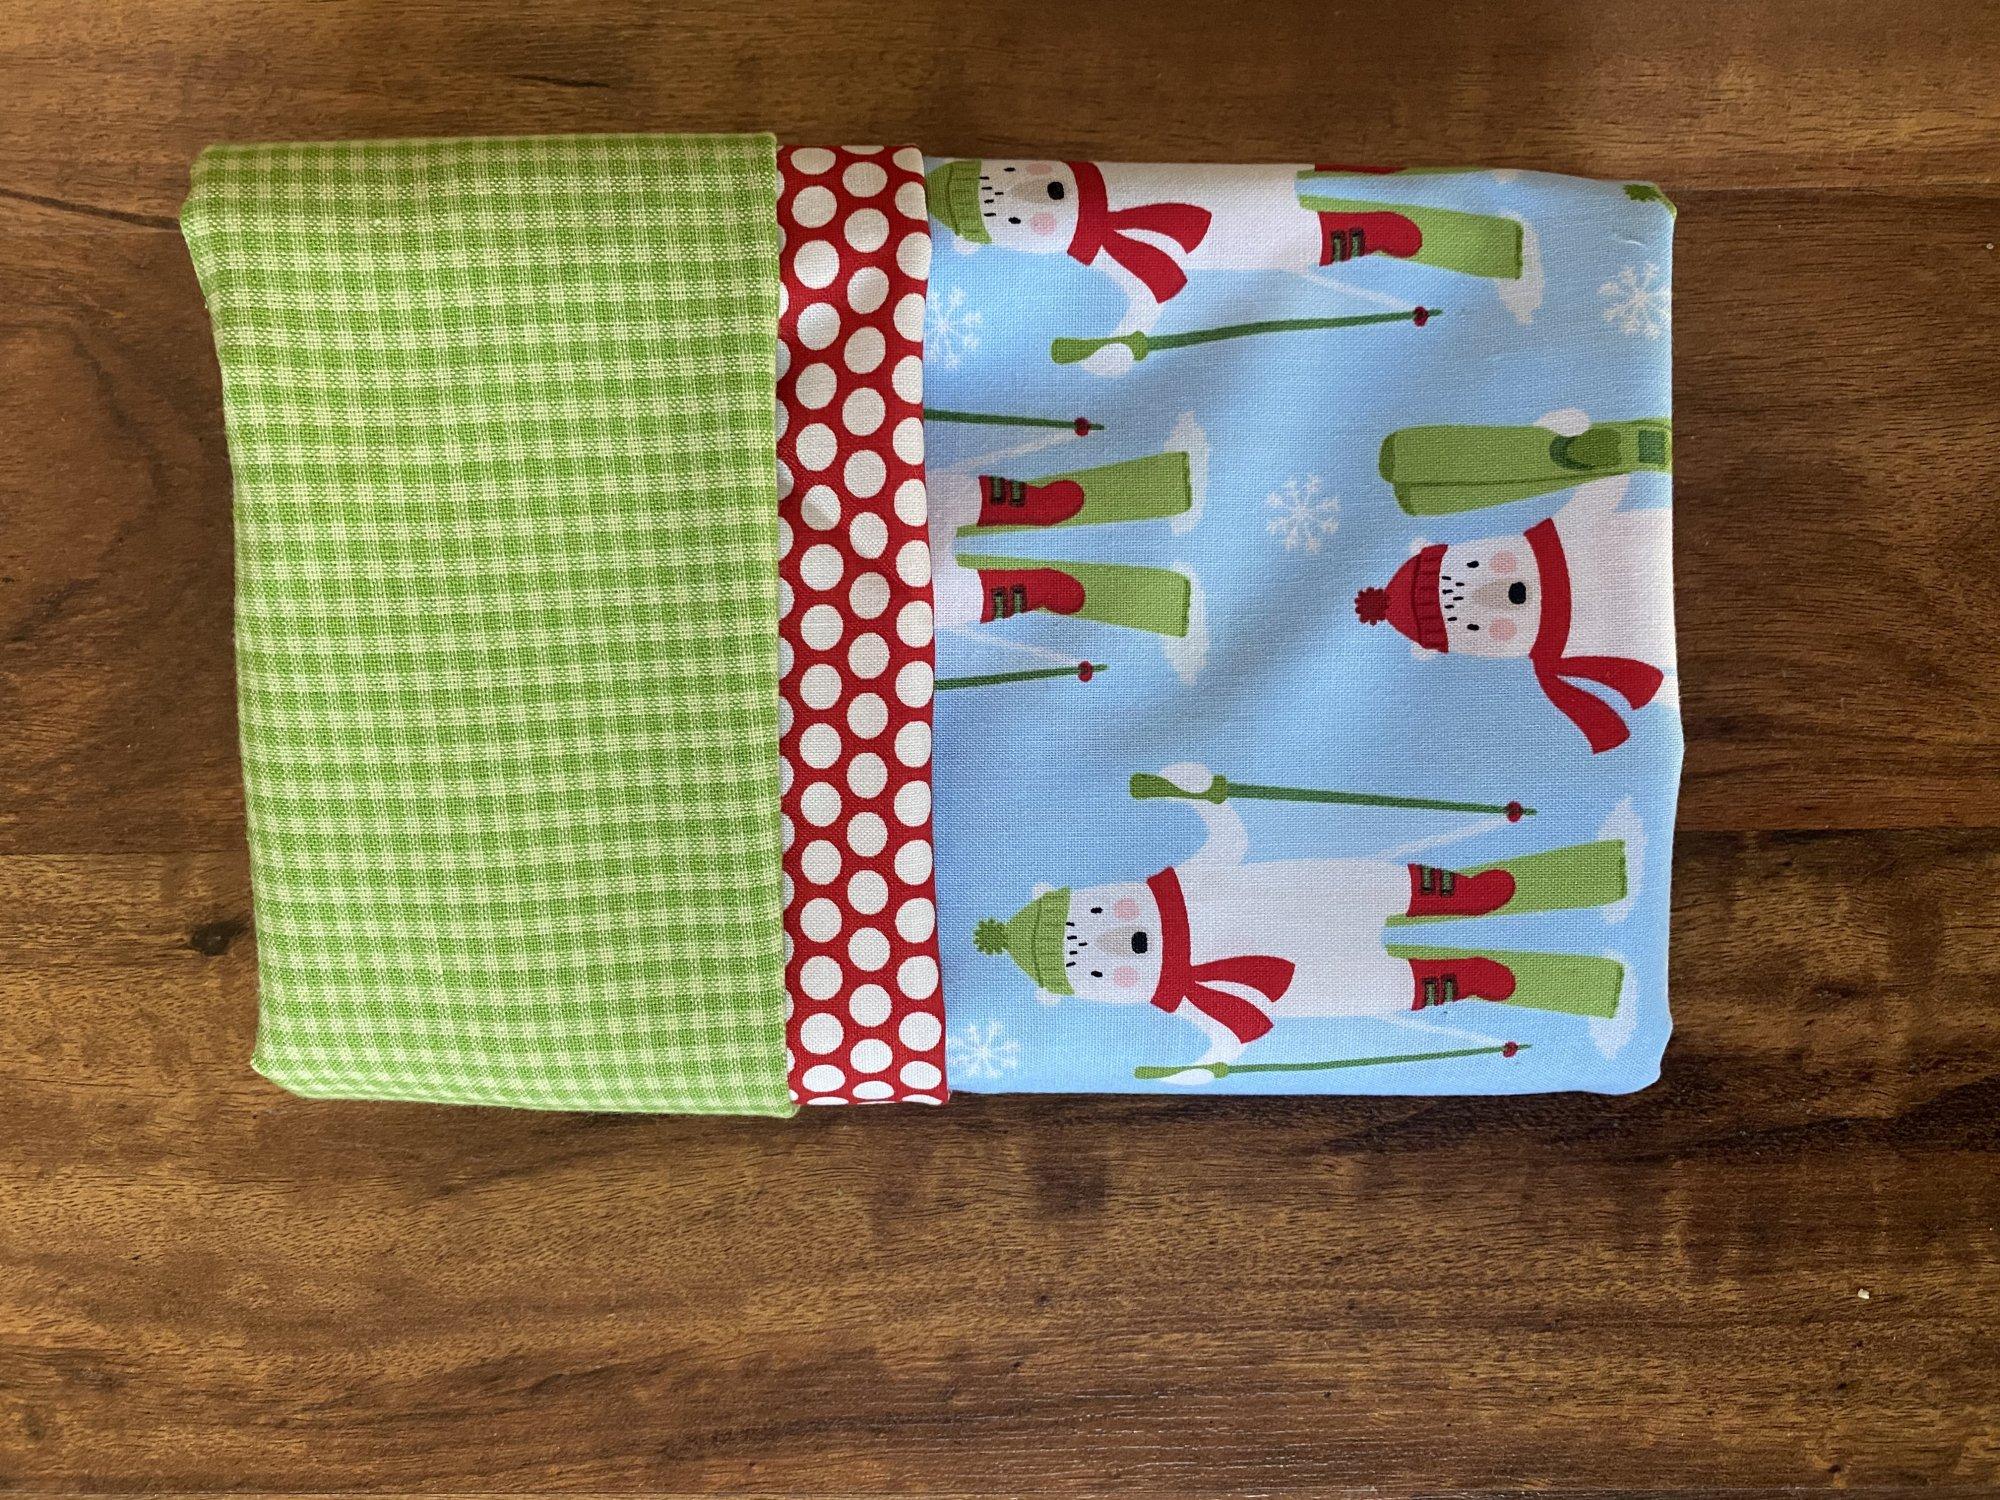 Holiday Pillowcase Kit